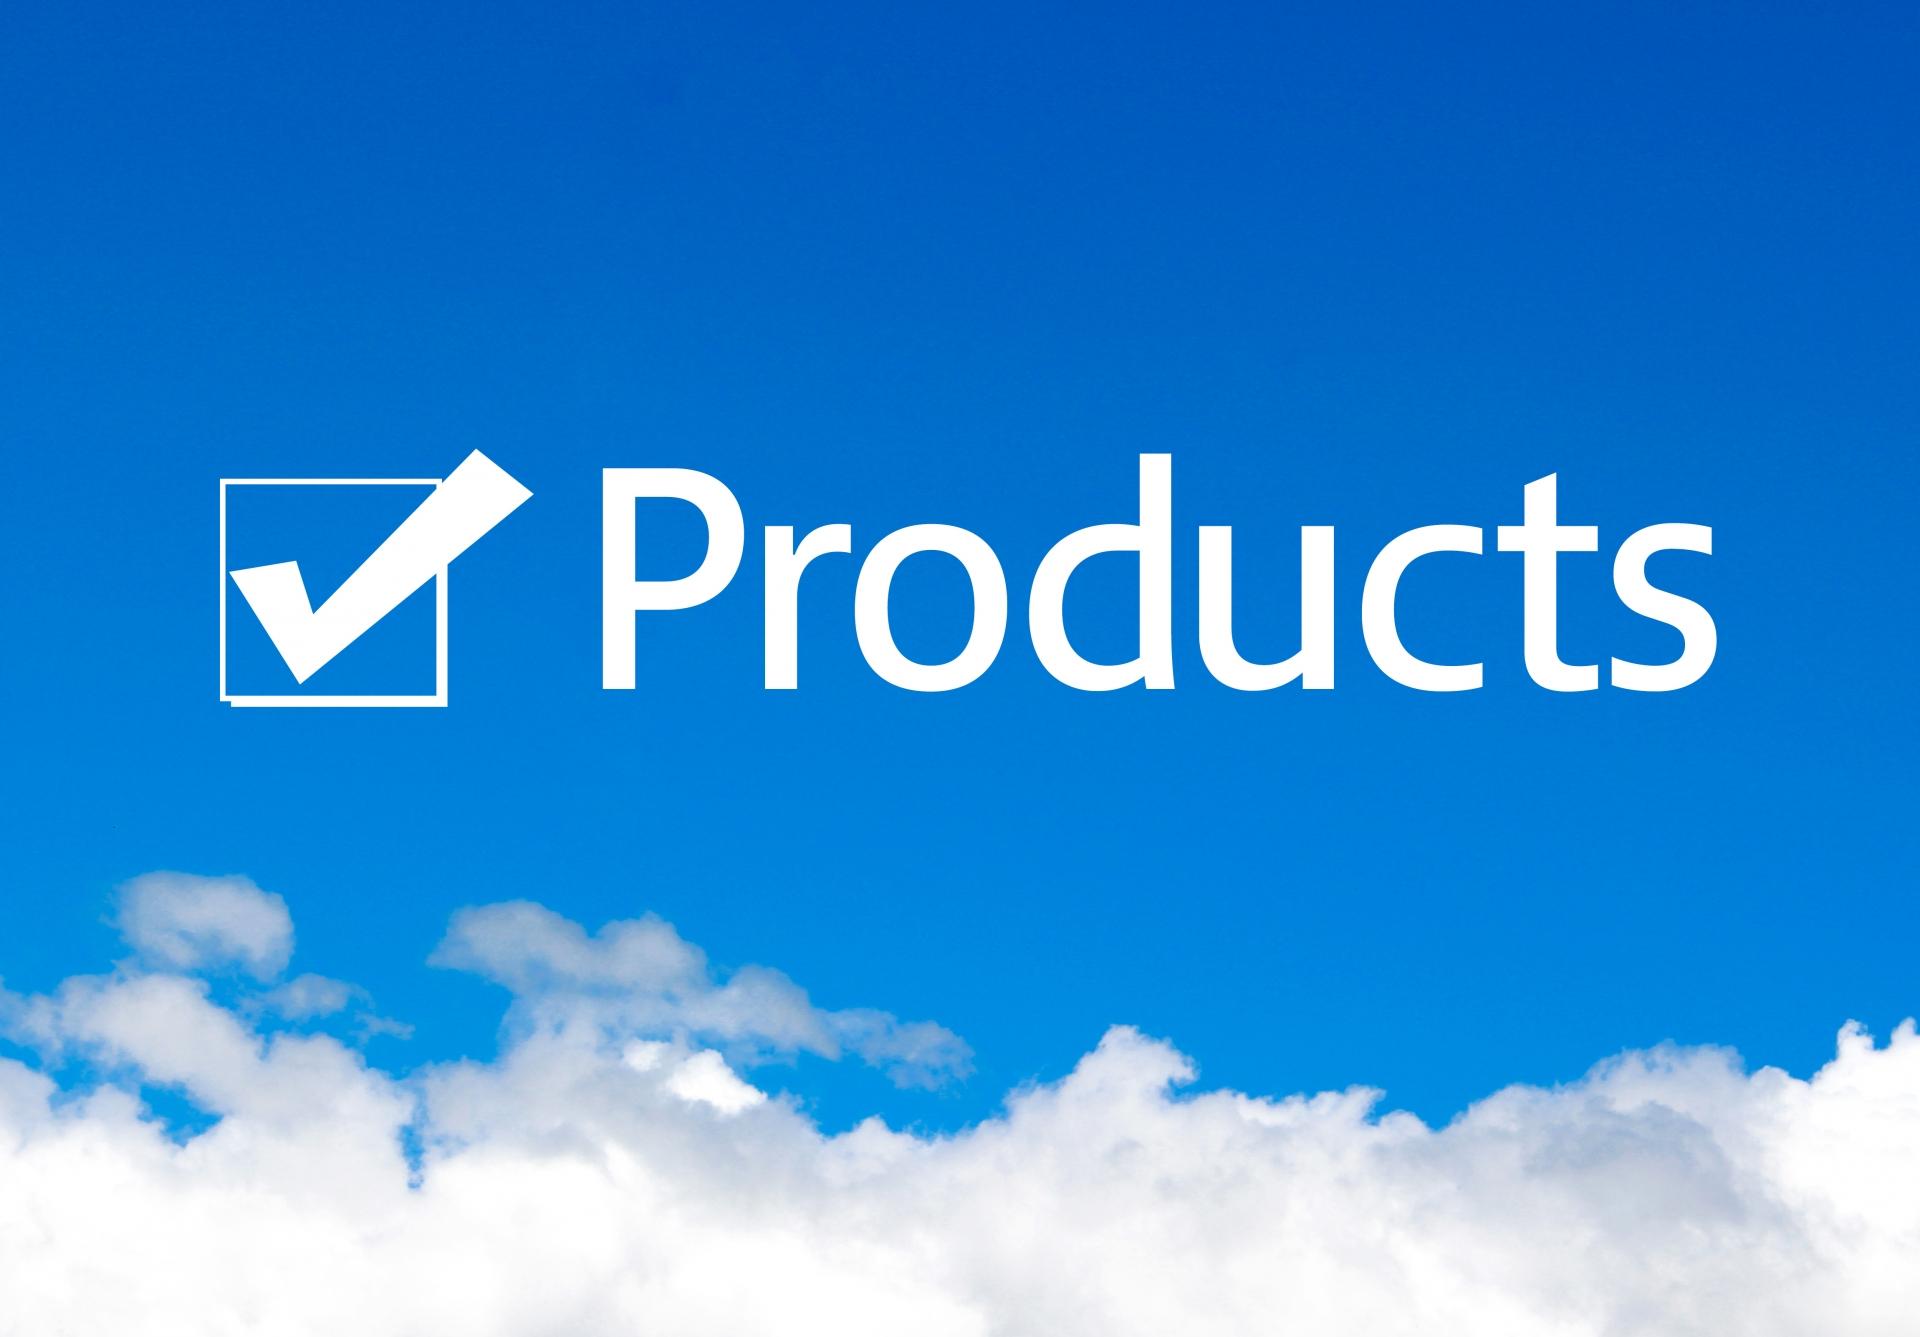 商品の構造化データを簡易的に作るジェネレーター